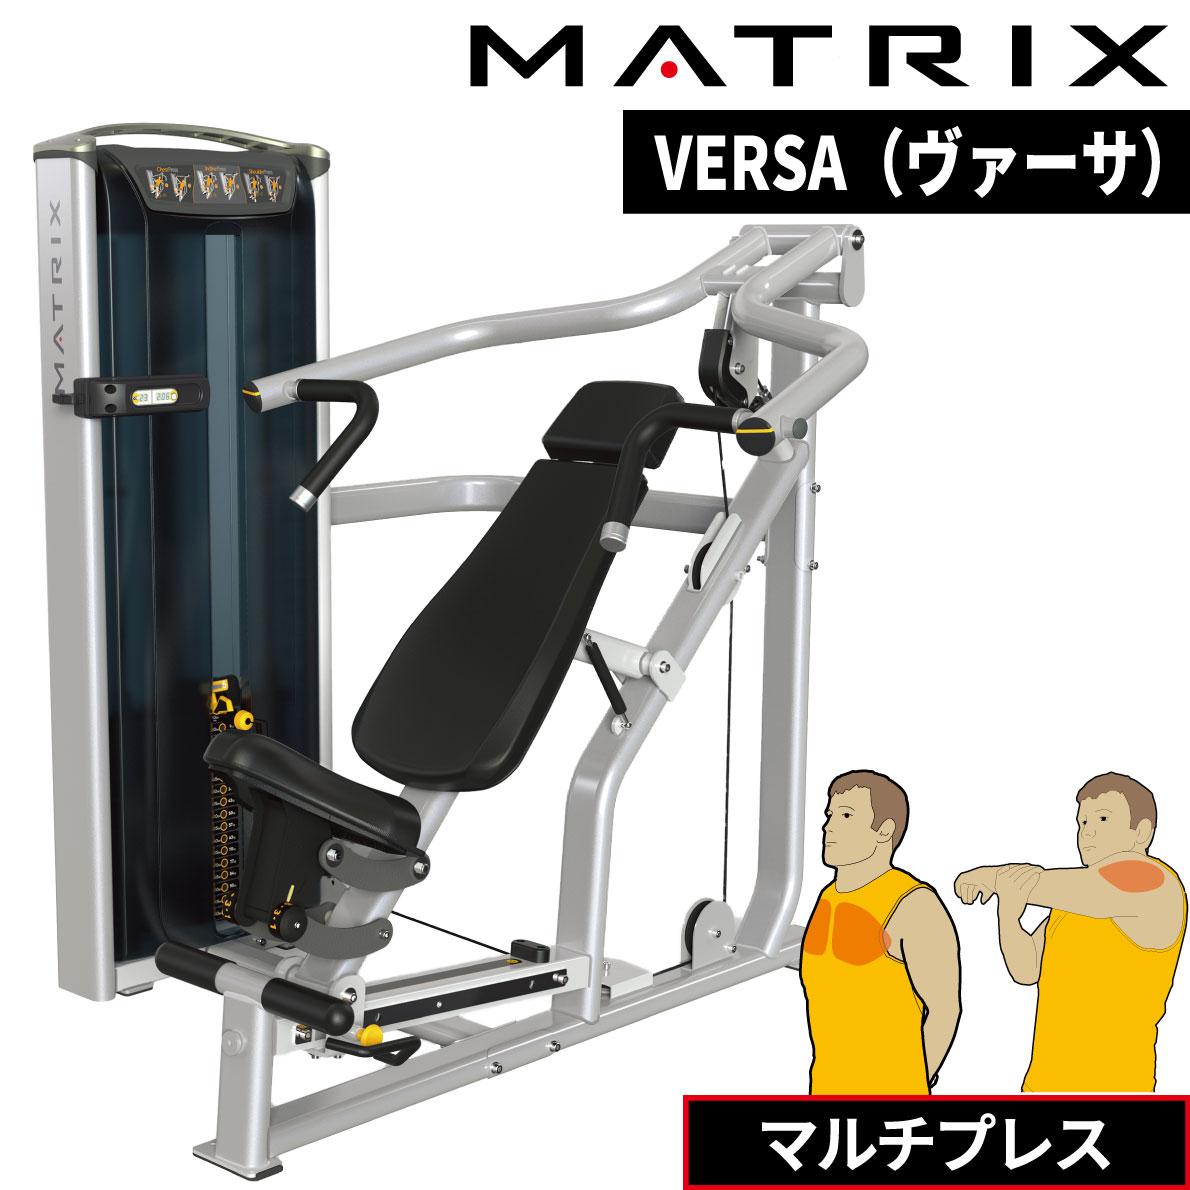 ストレングスマシン ウエイトマシン マルチプレス トレーニングマシン 業務用 VERSAシリーズ VS-S131 ジョンソン ジョンソンヘルステック ウエイトトレーニング 業務用MATRIX 業務用フィットネスマシン